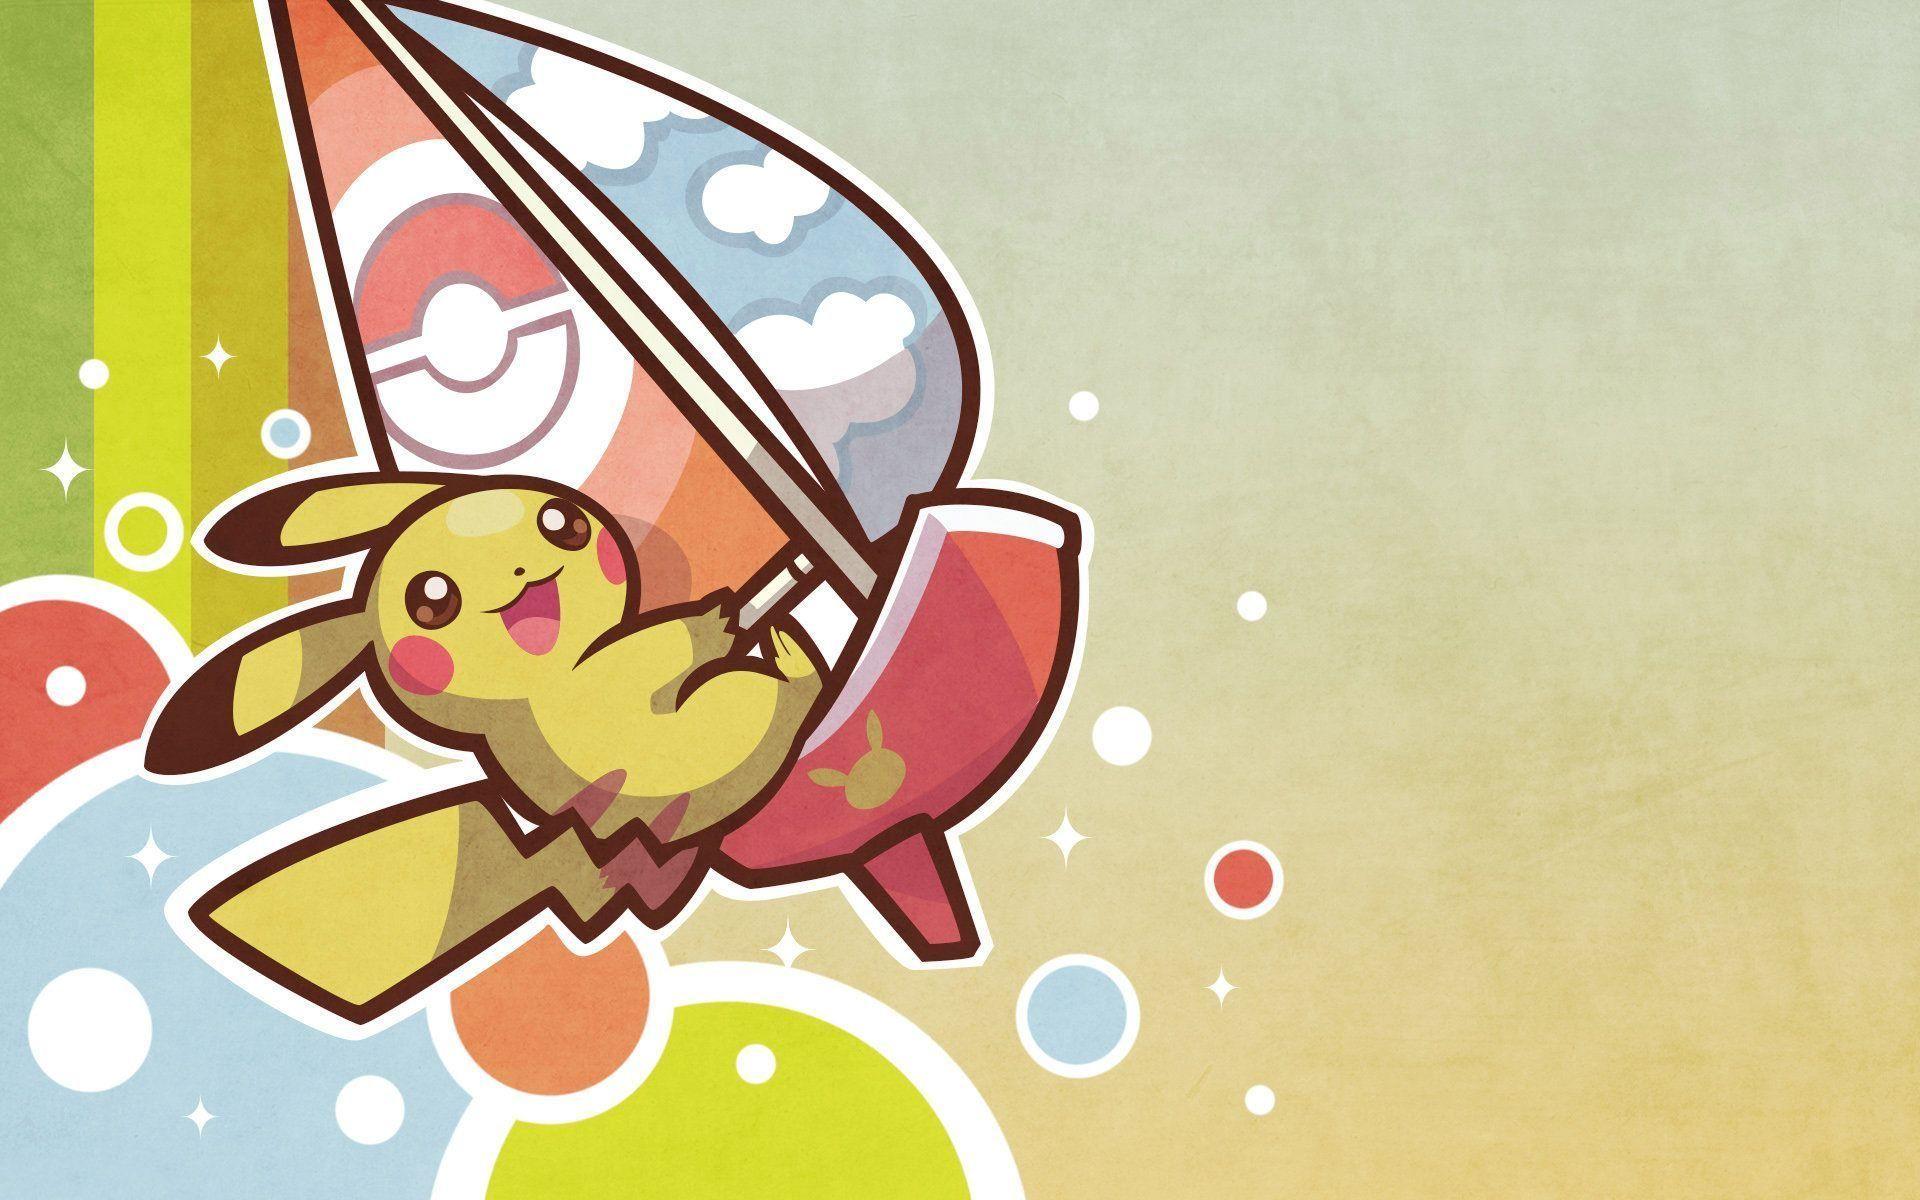 Download Cute Pokemon Wallpaper Photo For Free Wallpaper Monodomo Pikachu Wallpaper Backgrounds Cute Pokemon Wallpaper Pikachu Wallpaper